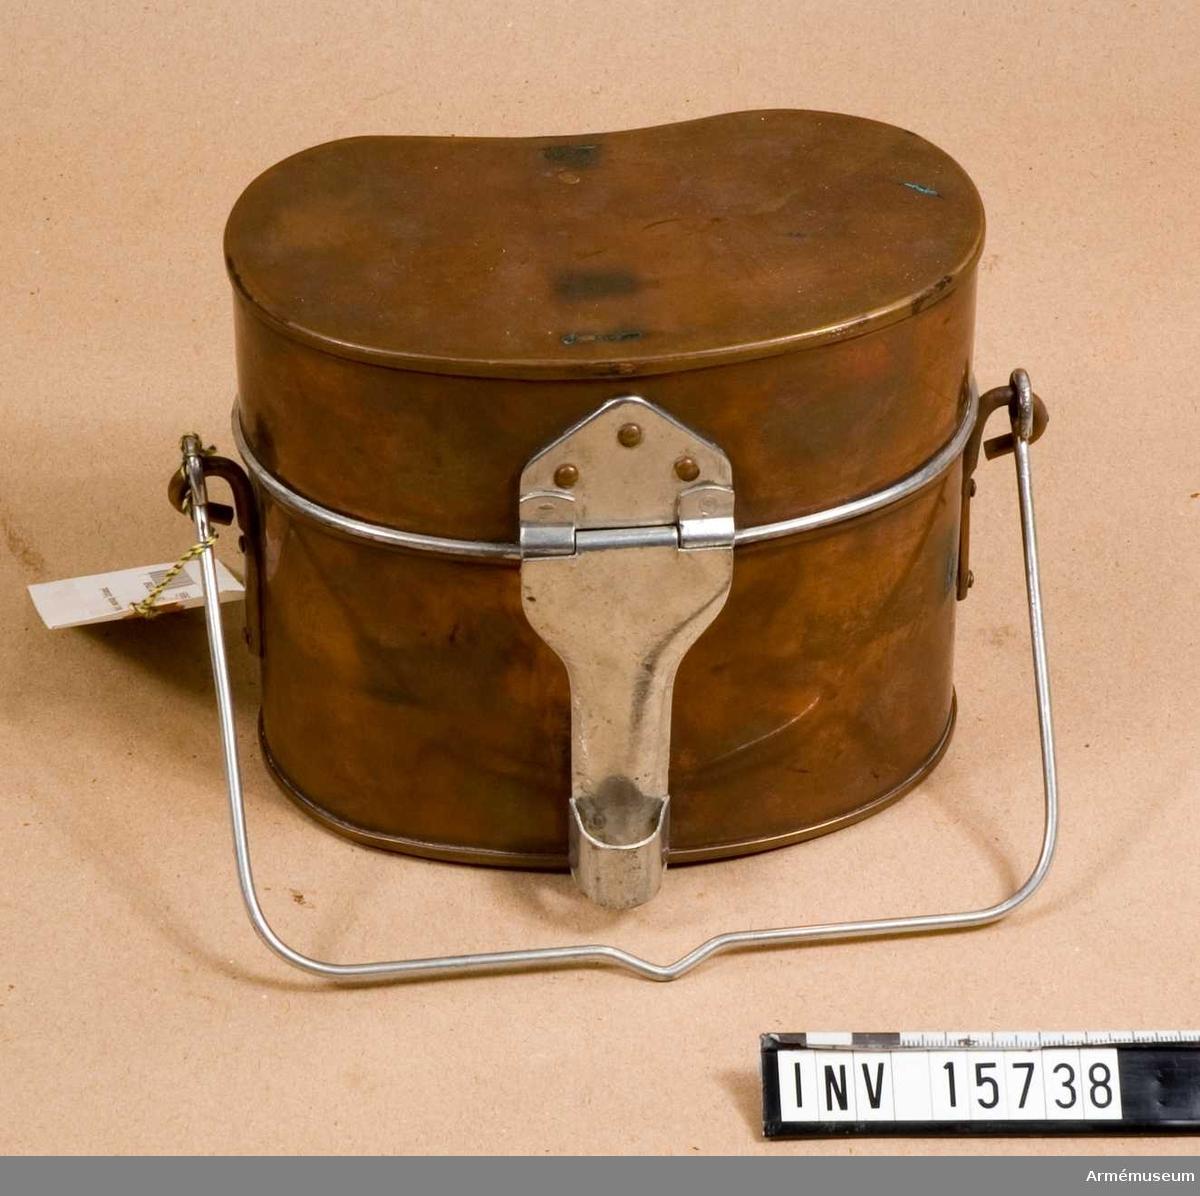 """Ur uniform.Kokkärl, manskap, Estland.Grupp C I.Kokkärl med lock (som också är panna) av kopparplåt. Kokkärl i oval form, 15 cm hög med handtag av järntråd. På sidan finns ingravering """"1 1/2"""" och """"1/2"""" rymd i liter. Lock (panna) med handtaget av järnplåt. Med detta handtag stänges kärlet tätt med lock.Tillståndet 1957-04 gott."""